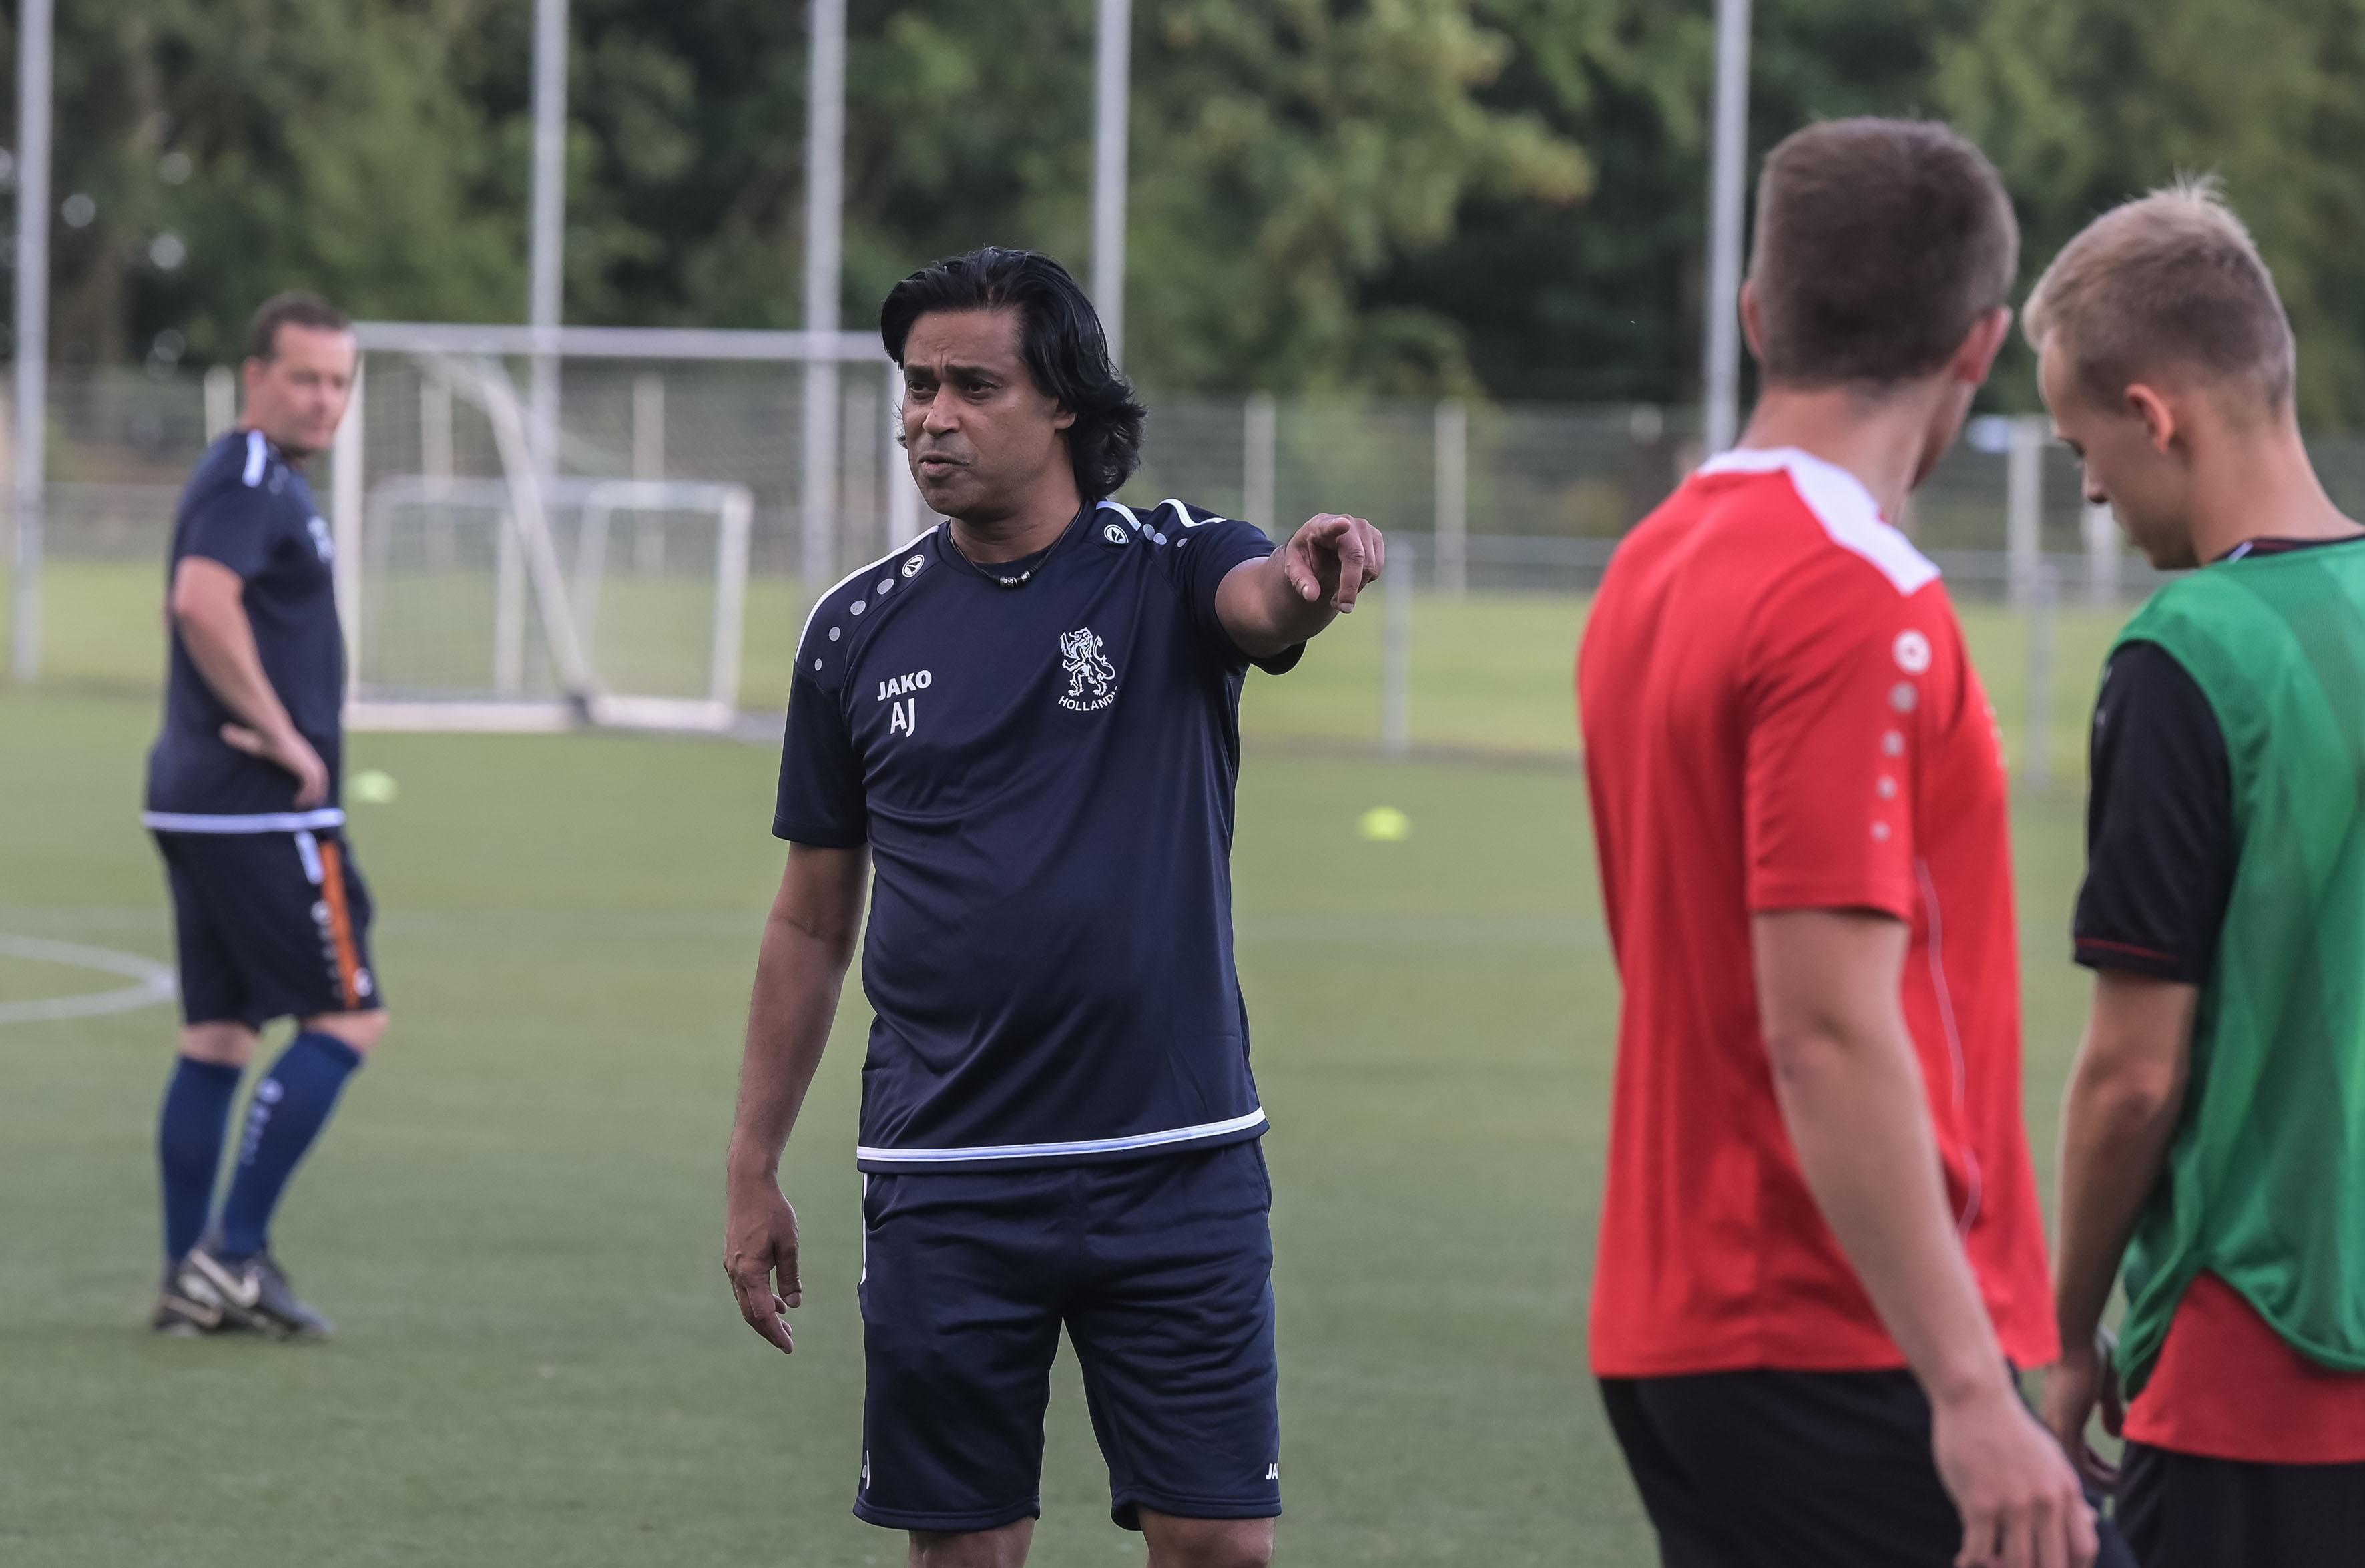 Nog voordat de bal rolt zijn Hollandia en Anand Jagdewsing er al uit: trainer blijft nog een jaar langer bij derdedivisionist